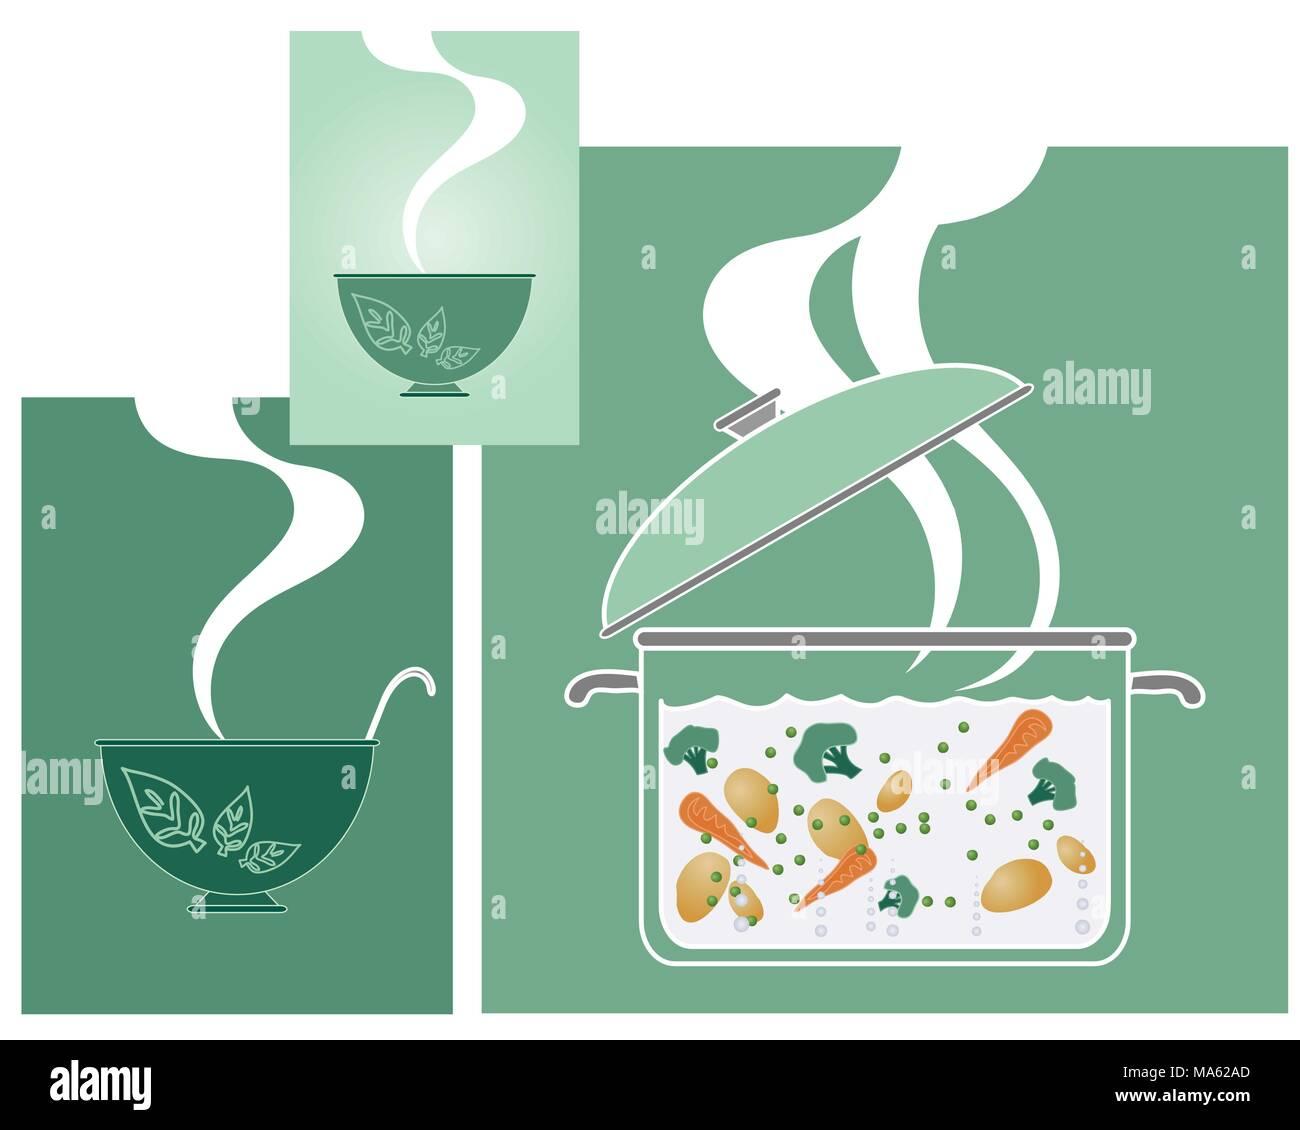 Una illustrazione vettoriale in formato eps formato 10 di verdure per la cottura in un vetro trasparente pan con vapore e ciotole in una forma astratta sui rettangoli verdi Immagini Stock